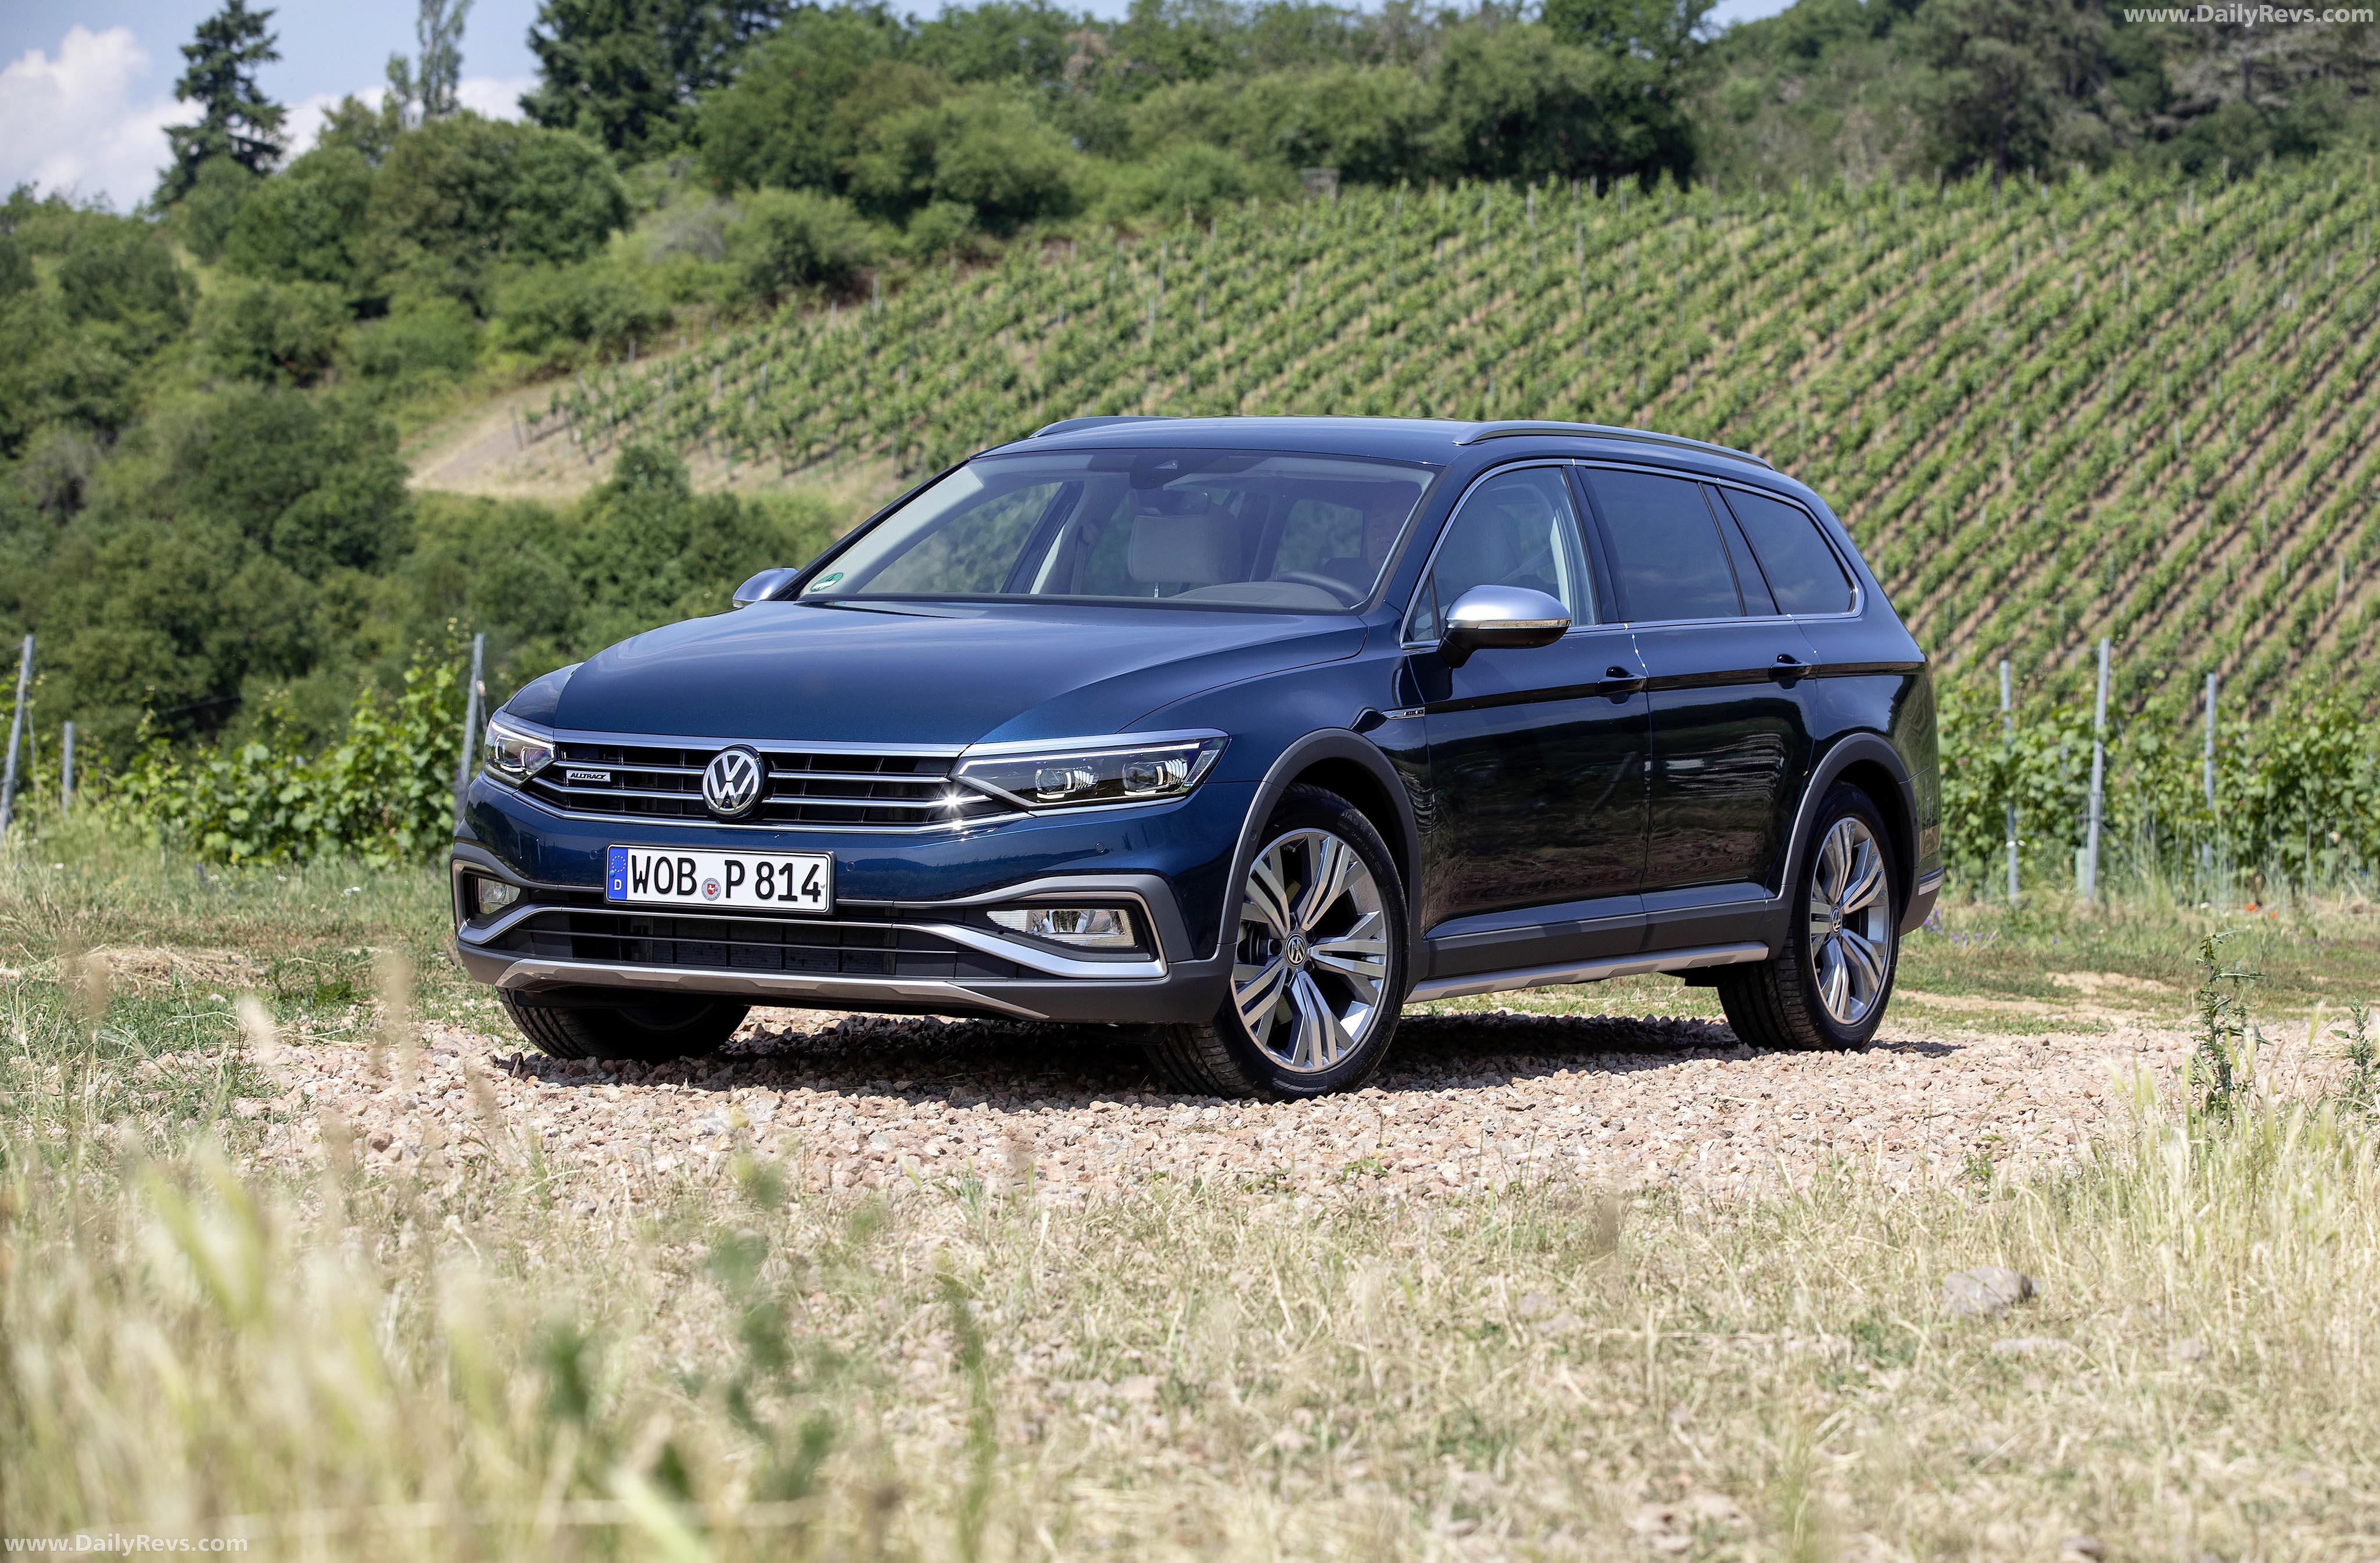 2020 Volkswagen Passat Alltrack - HD Pictures, Videos ...